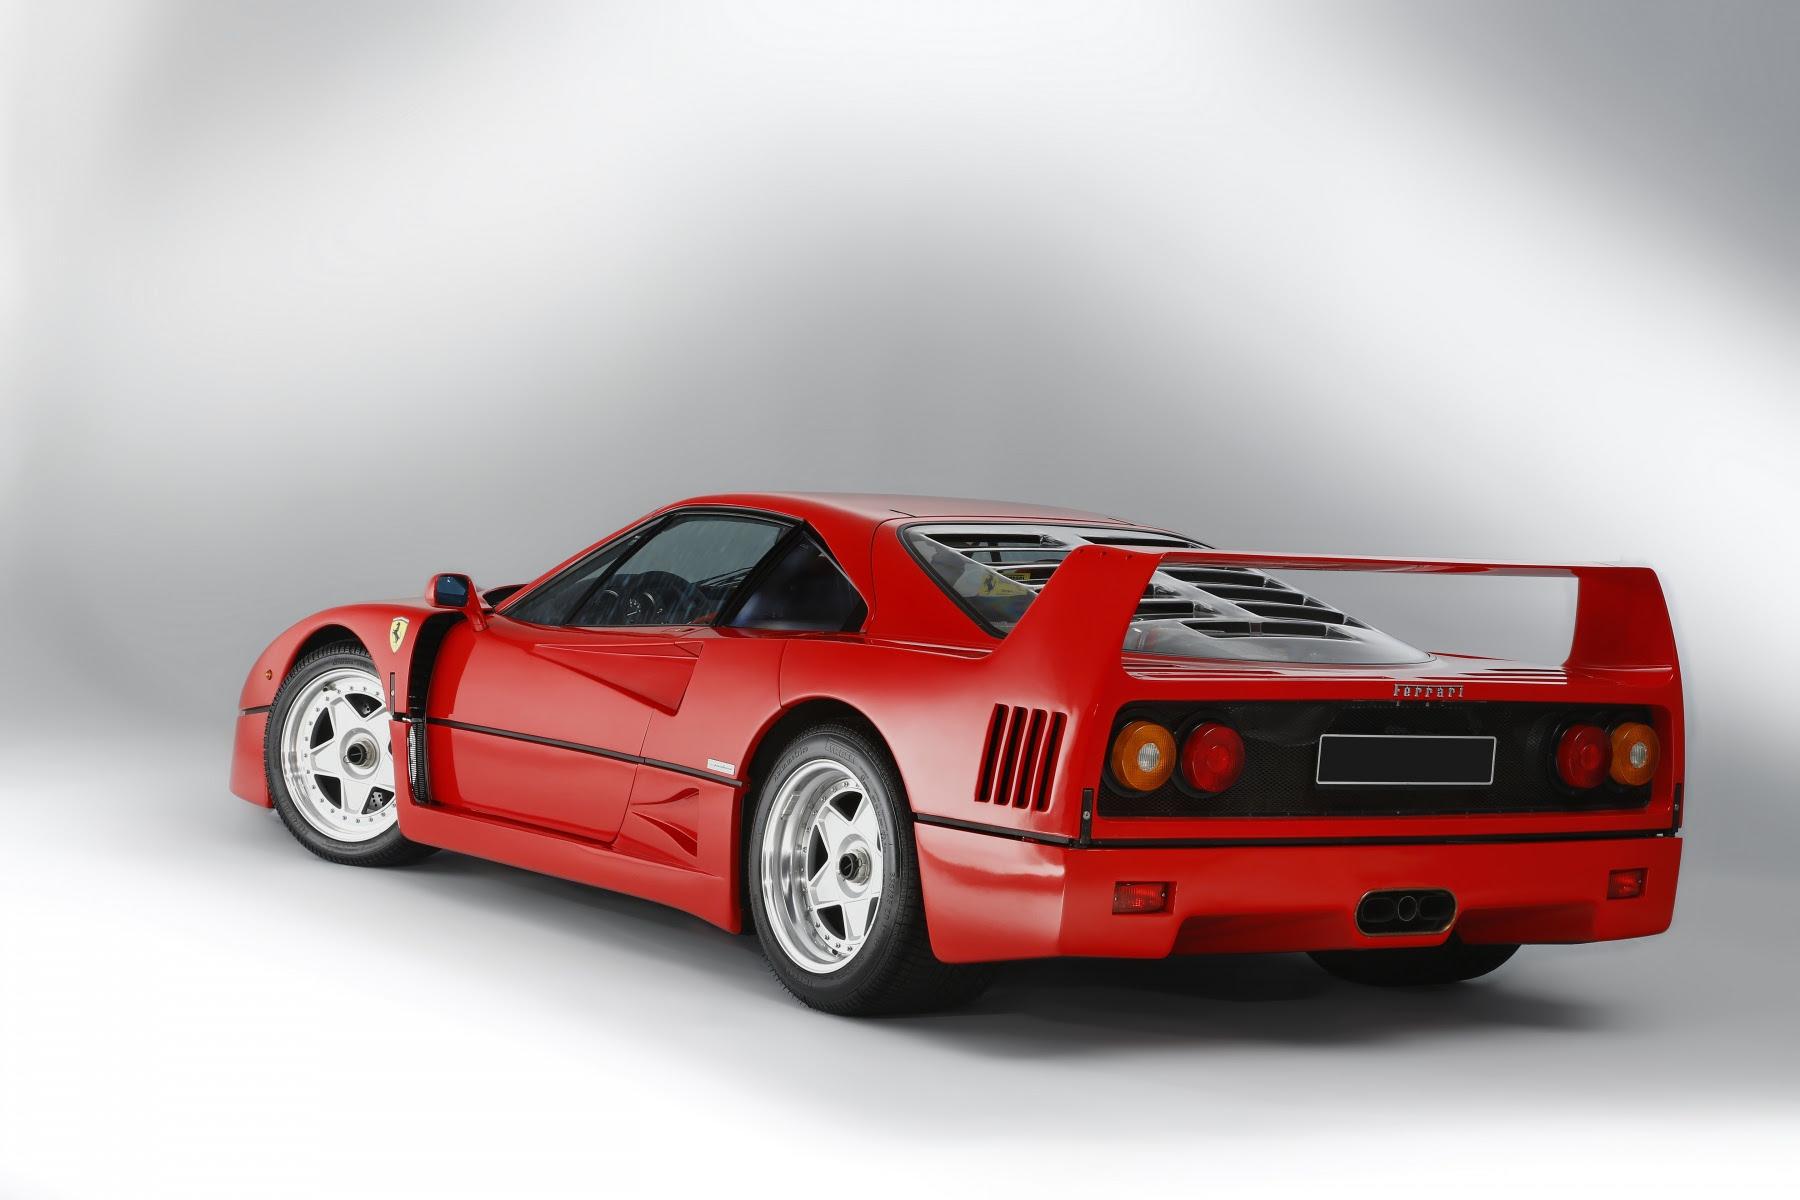 Ferrari F40 ex Pierluigi Martini (3)